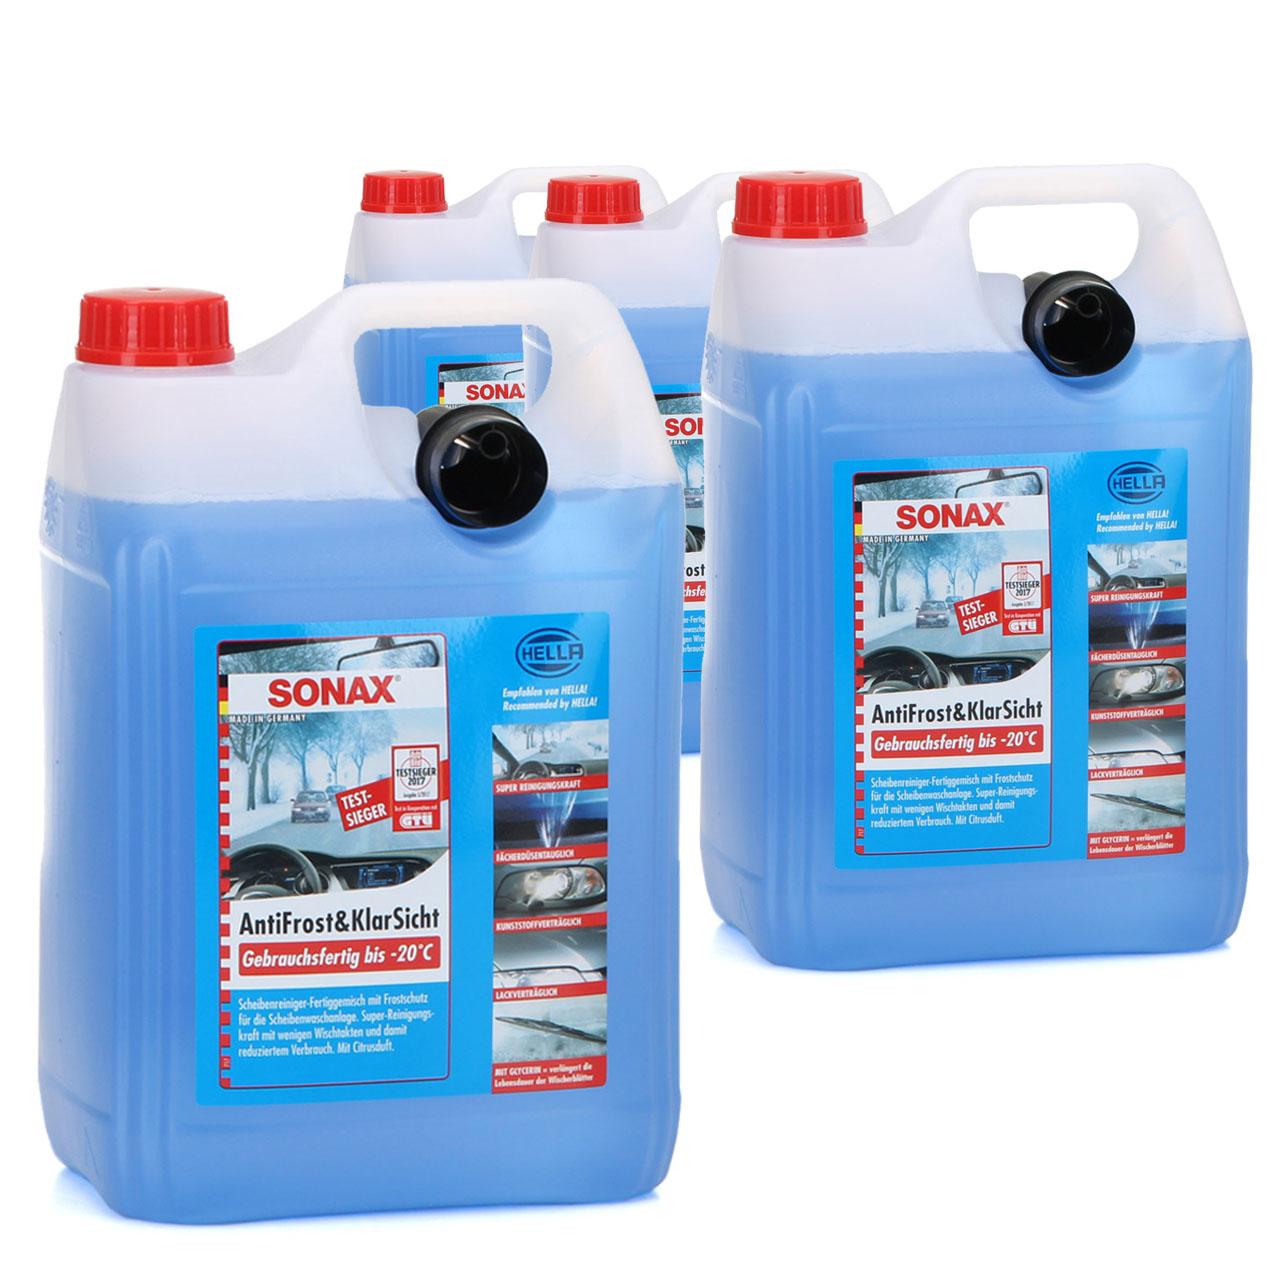 SONAX Frostschutz ANTIFROST & KLARSICHT gebrauchsfertig bis -20°C - 20L 20 Liter